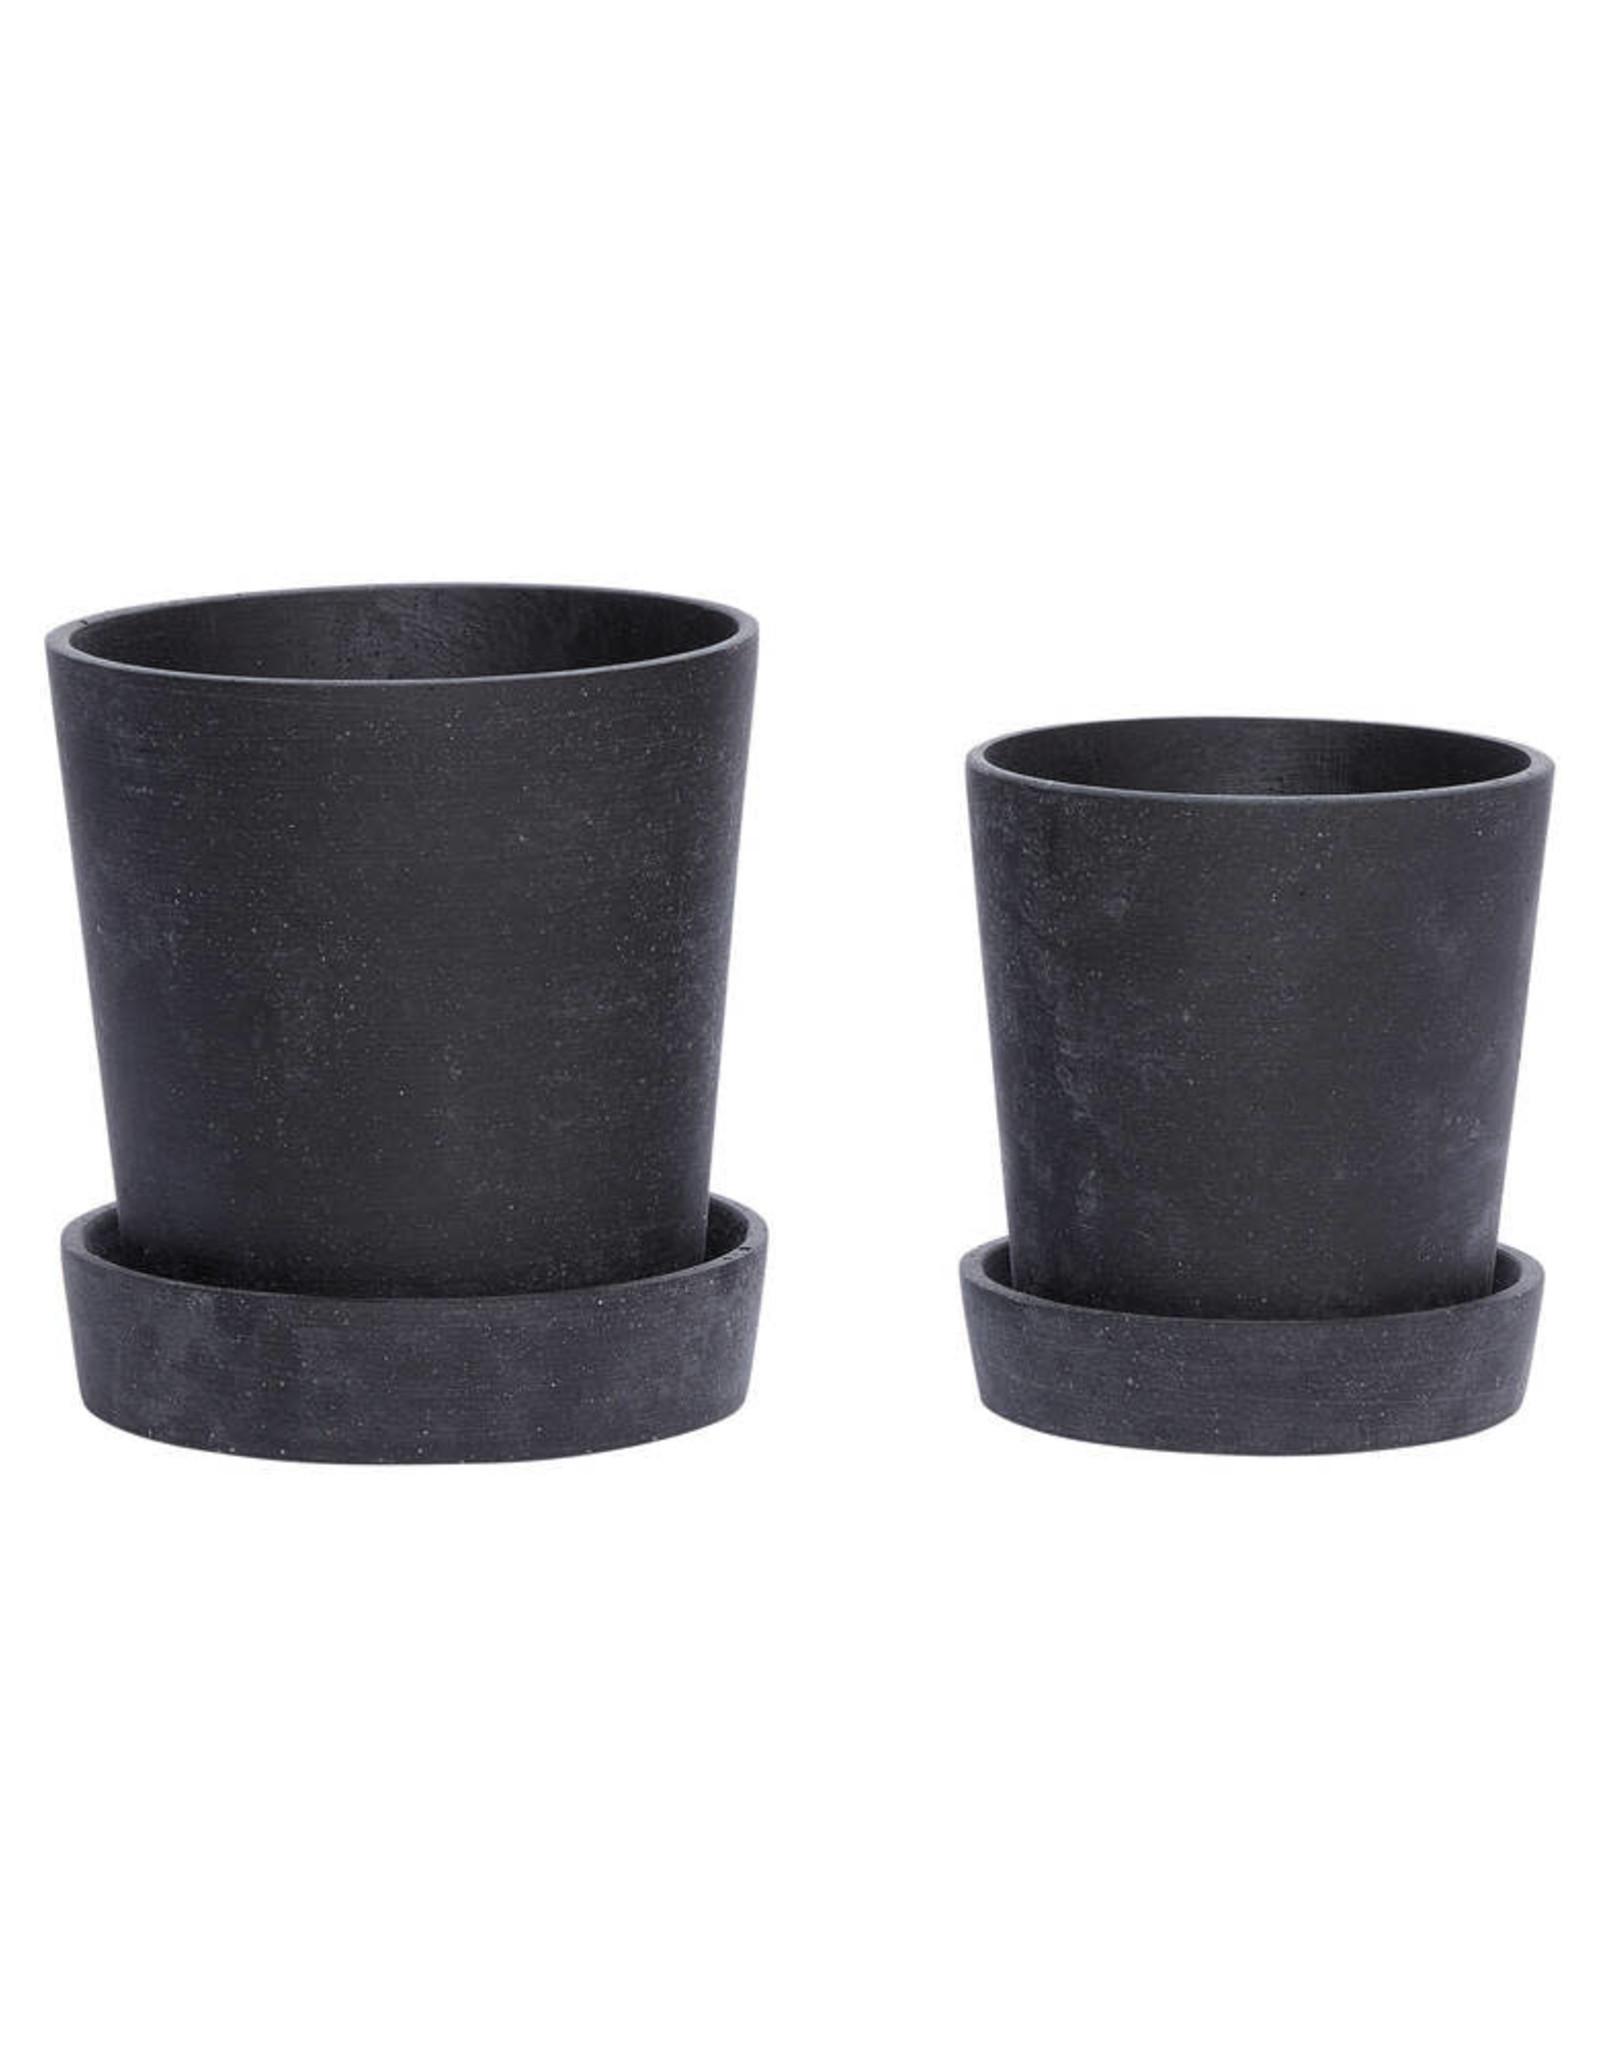 Hübsch Black pot w/saucer ø14xh16